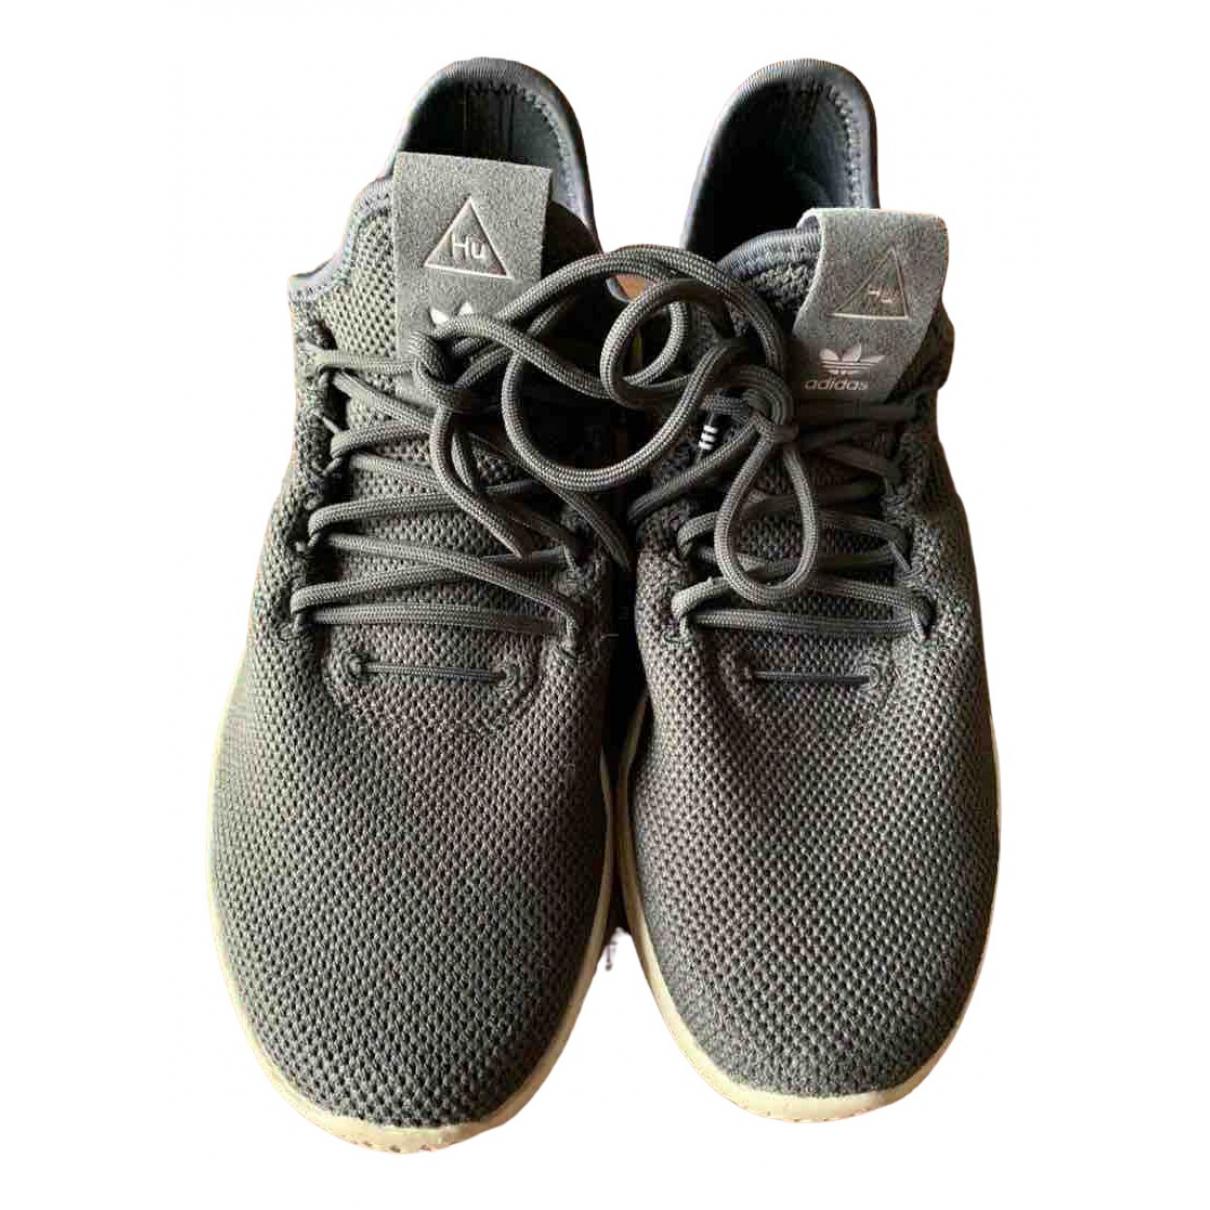 Adidas X Pharrell Williams - Baskets   pour femme en toile - gris